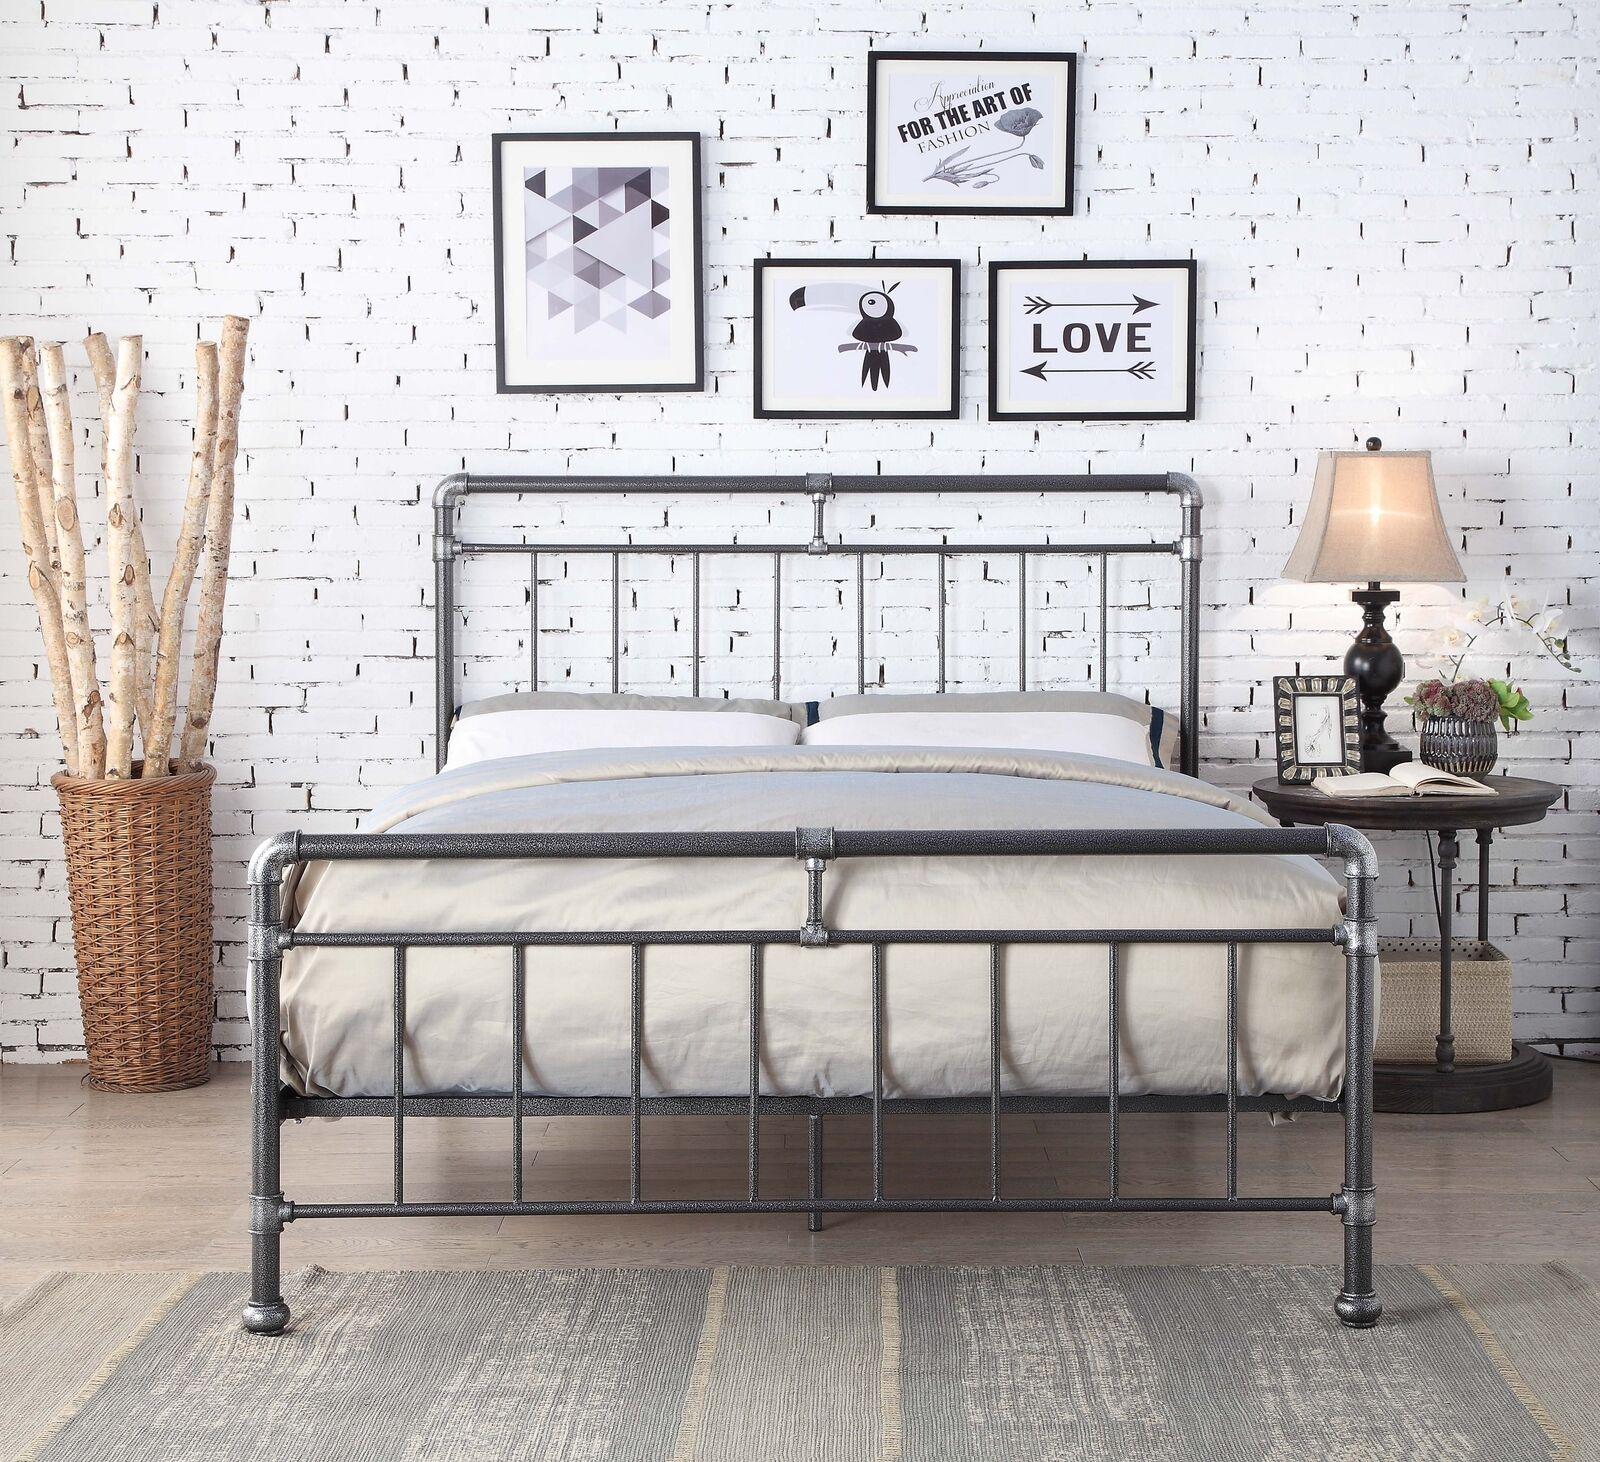 Bed Frames Divan Bases Detroit Metal Industrial Bed Frame Scaffold Pipe Silver Black Various Sizes Home Furniture Diy Quatrok Com Br